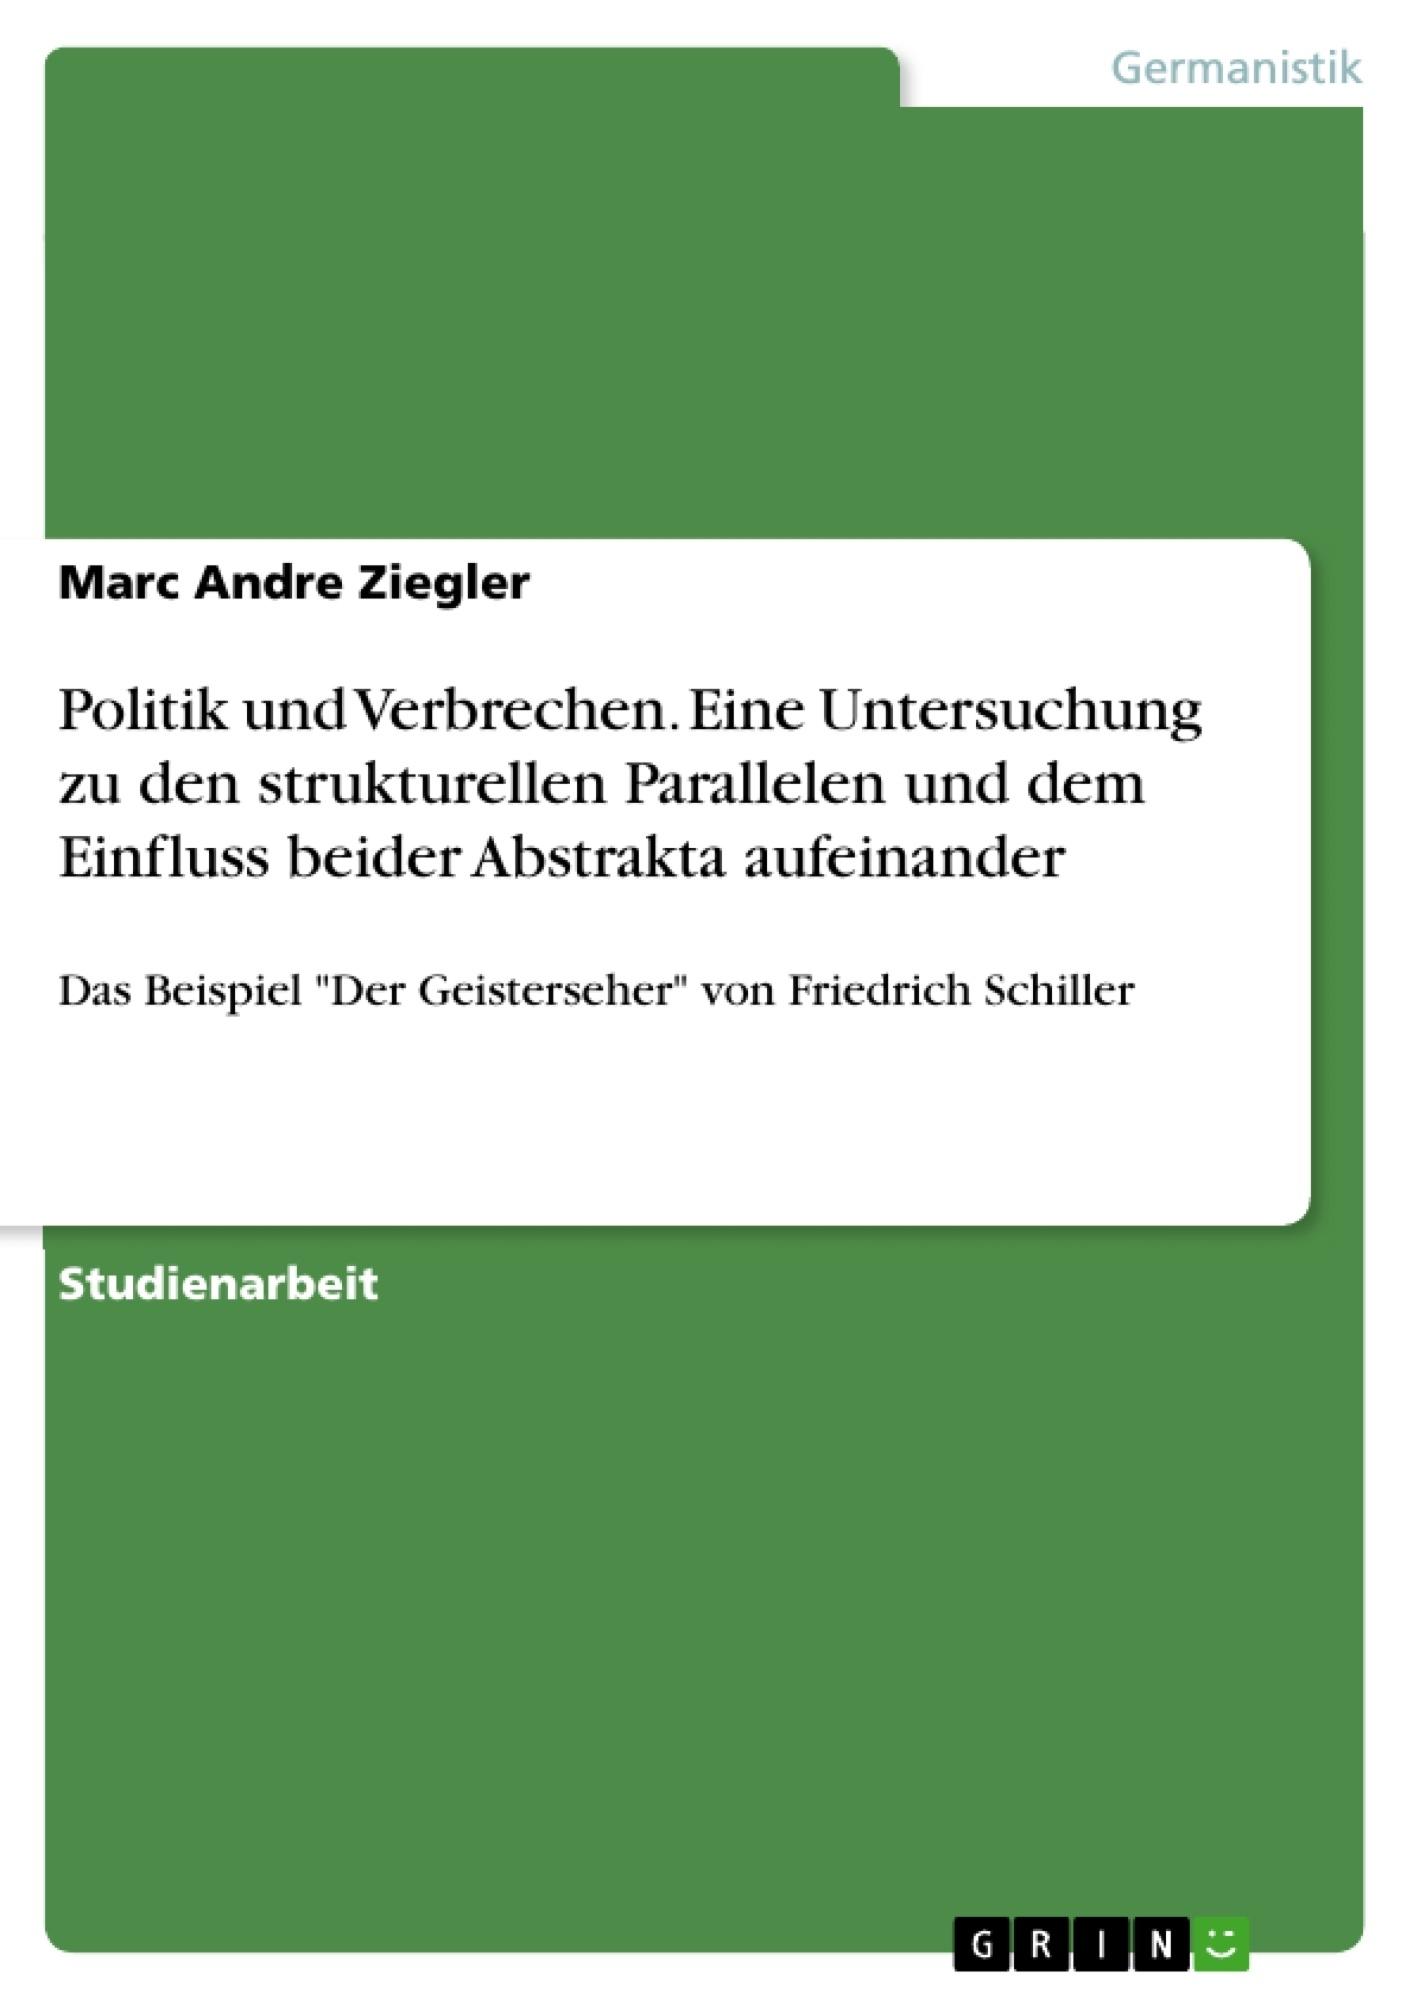 Titel: Politik und Verbrechen. Eine Untersuchung zu den strukturellen Parallelen und dem Einfluss beider Abstrakta aufeinander